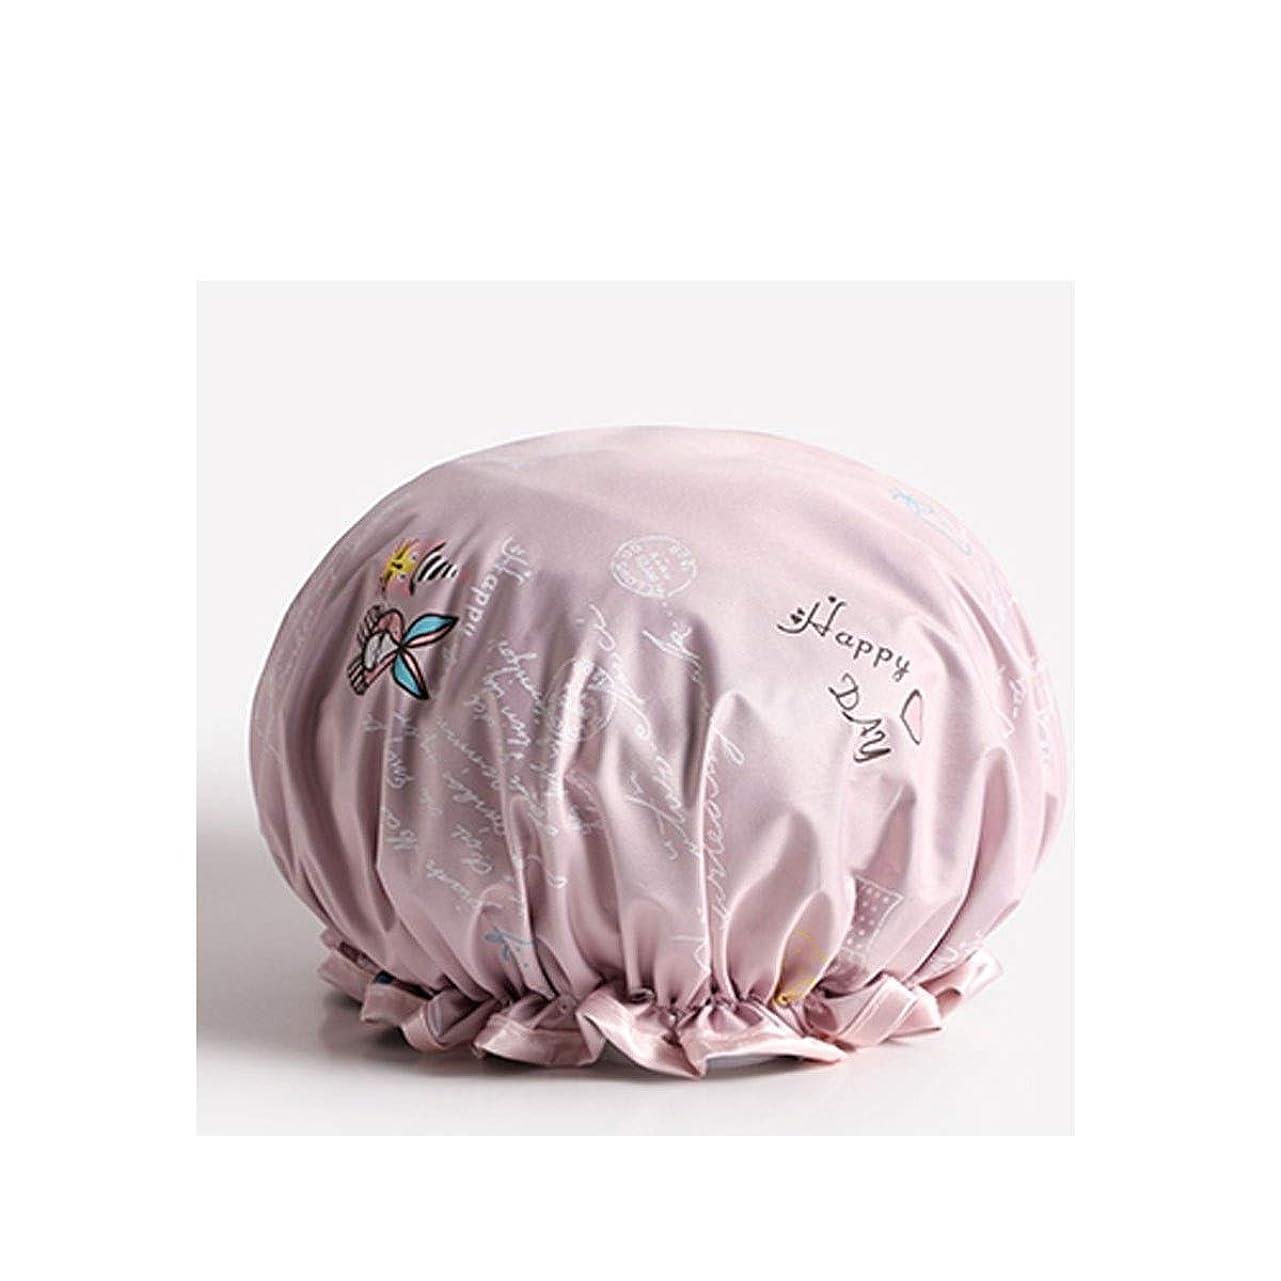 カレンダー霊何でもTYLDZ シャワーキャップ、防水大人の女性のシャワーキャップ、シャワーシャワーキャップ、シャンプーキャップ、かわいいスカーフ、台所の女性抗フードキャップ、 (Color : Pink)